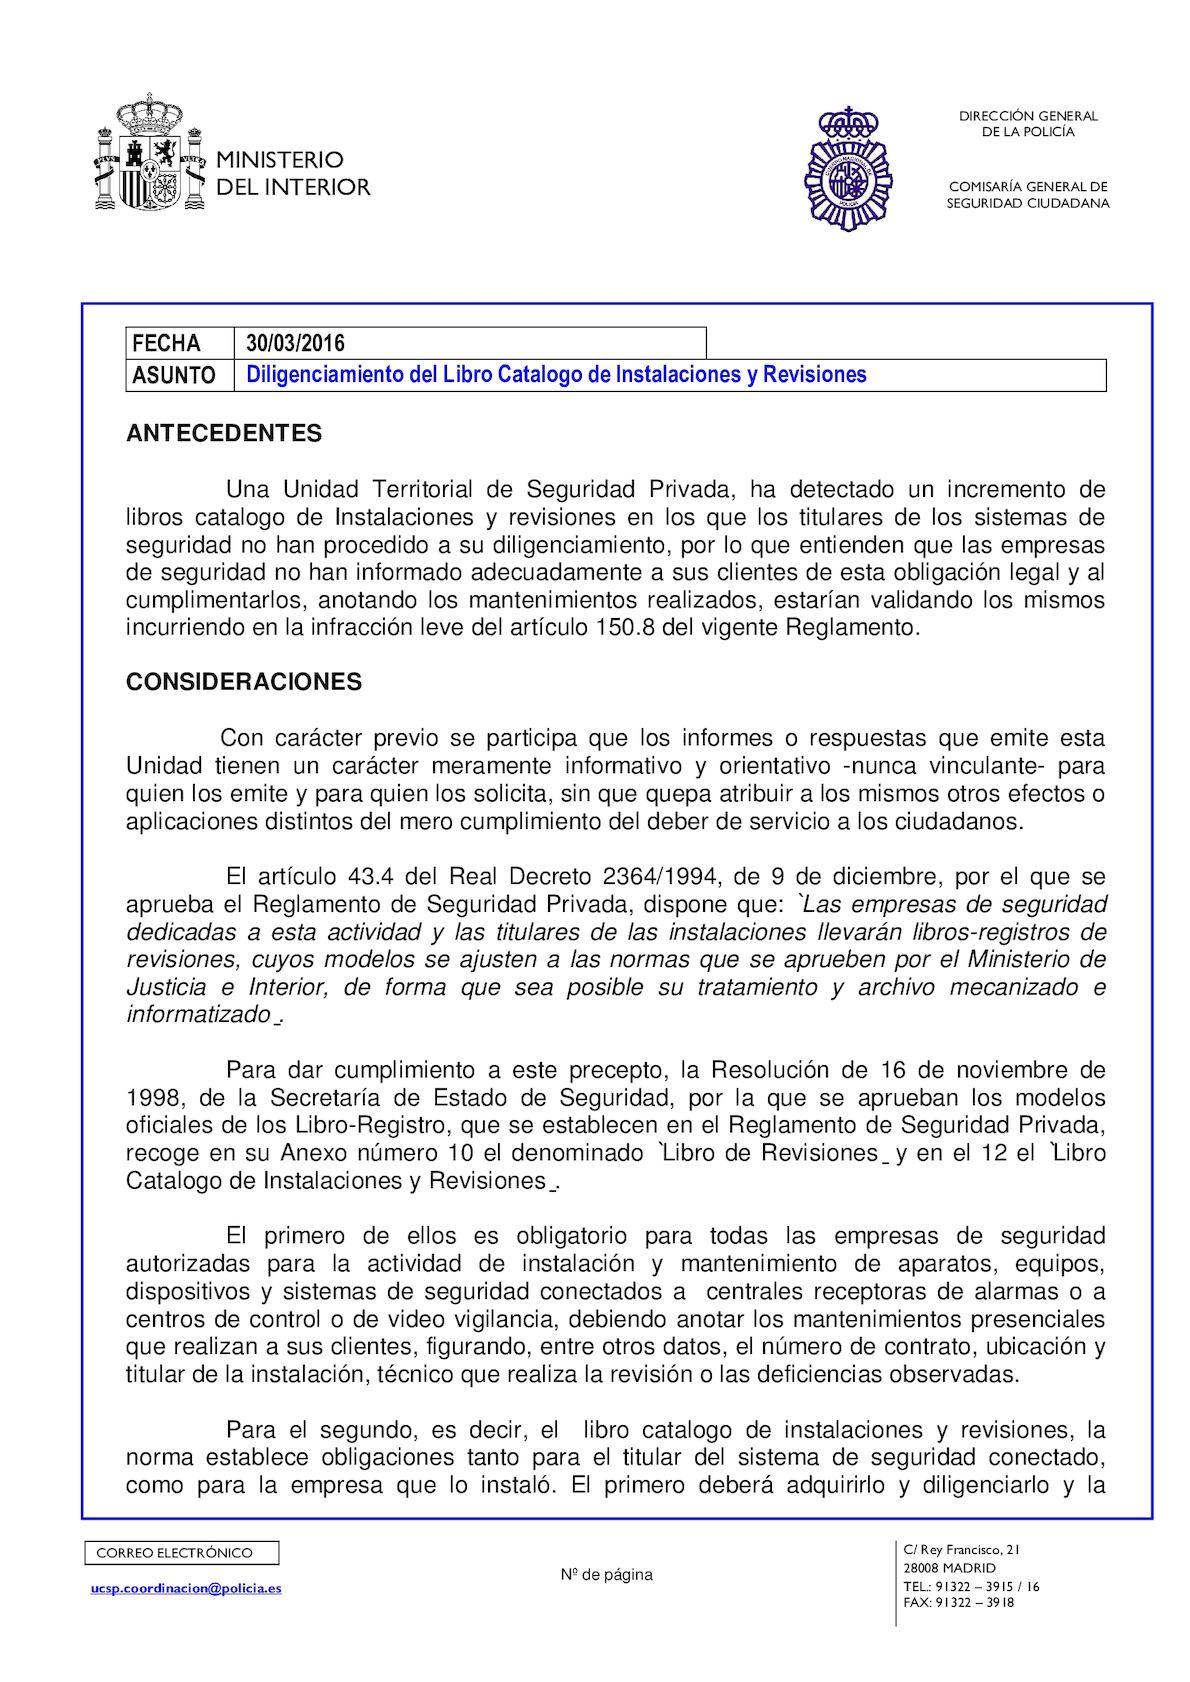 Calaméo - Informe UCSP 2016/019: Diligenciamiento del Libro Catalogo ...